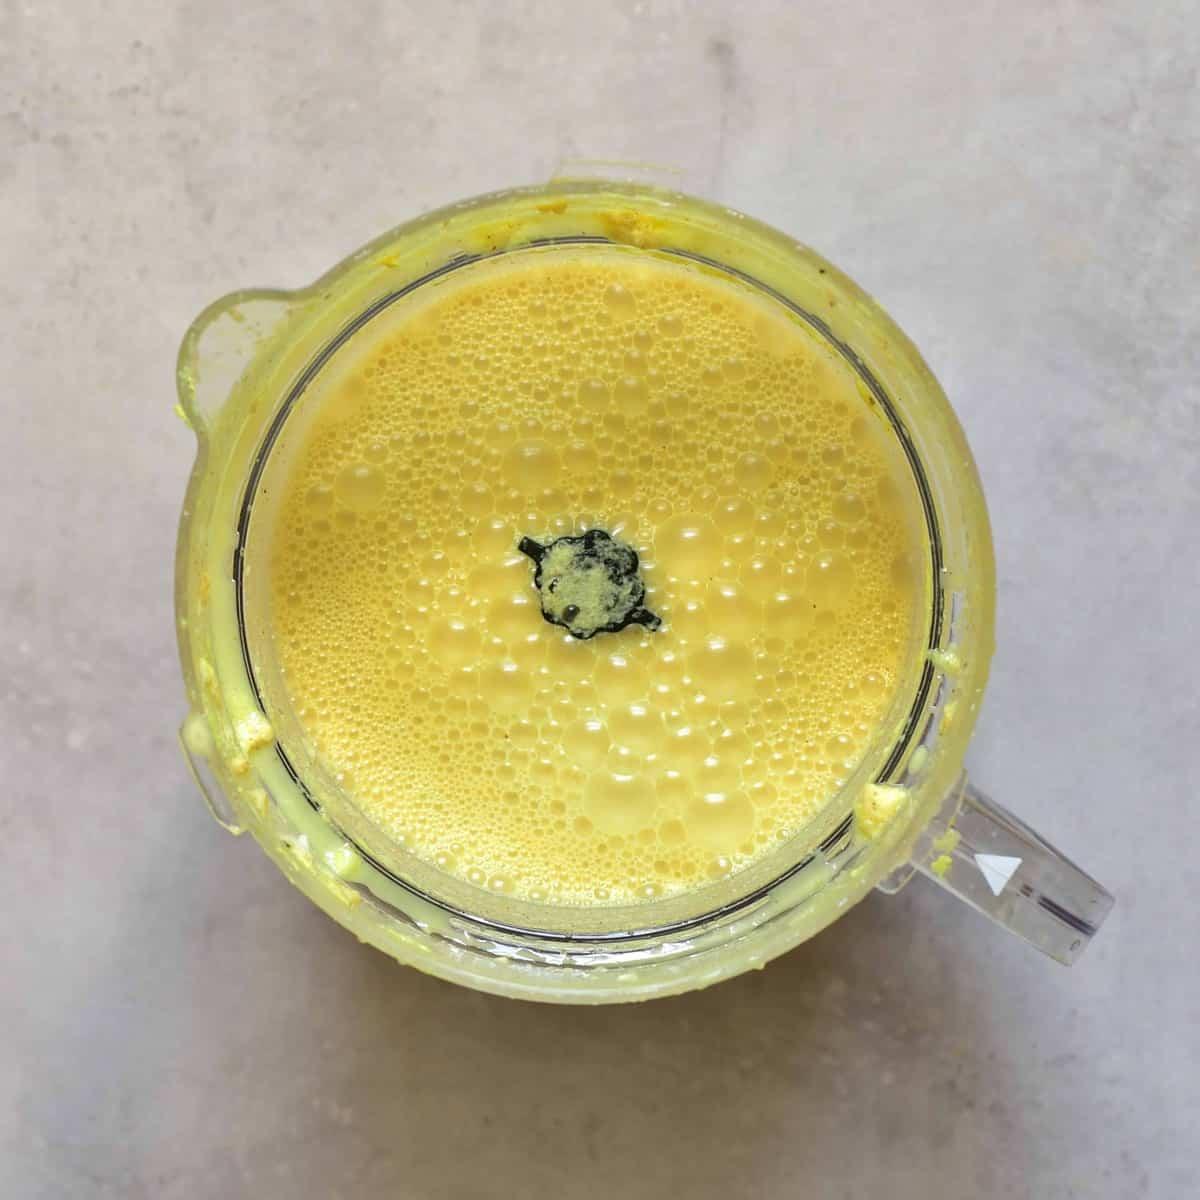 Golden milk - freshly made